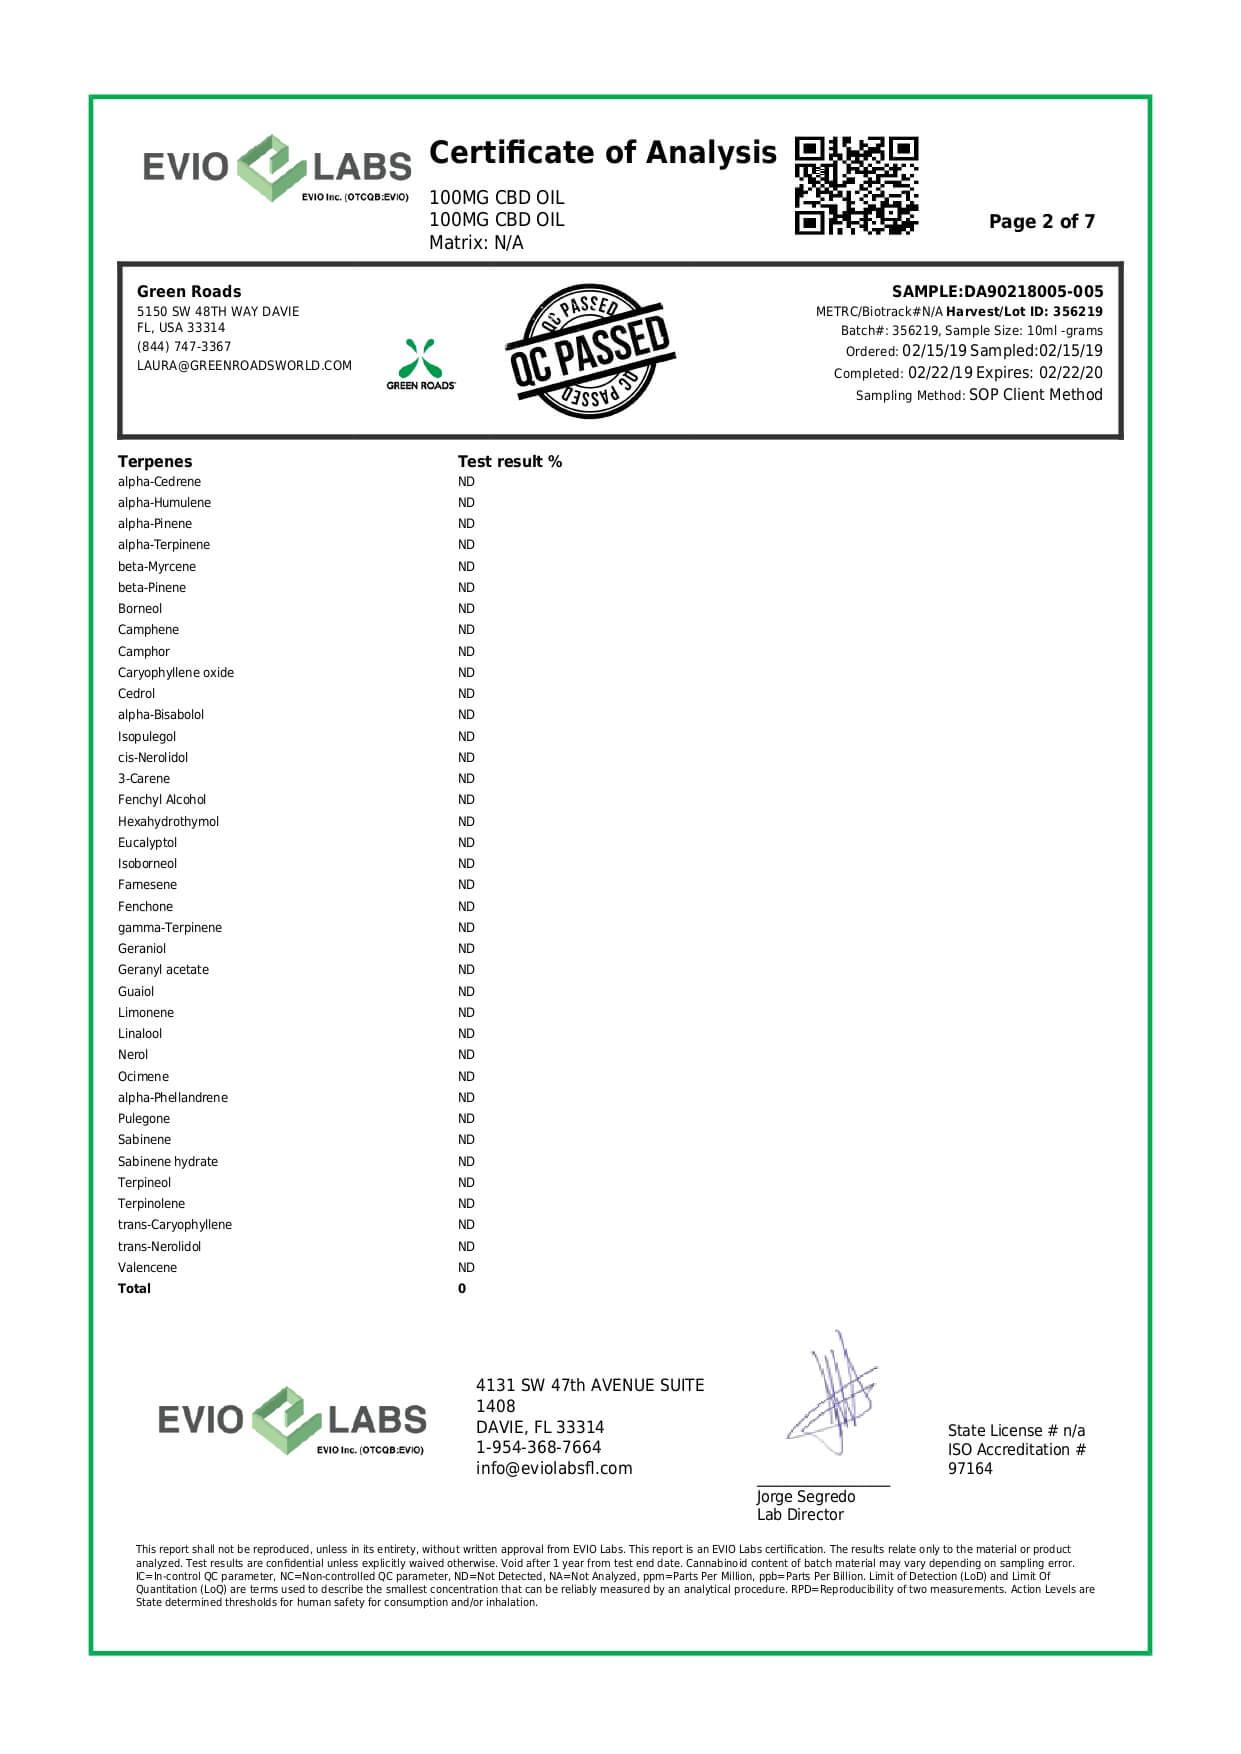 Green Roads CBD Oil 100mg Lab Report